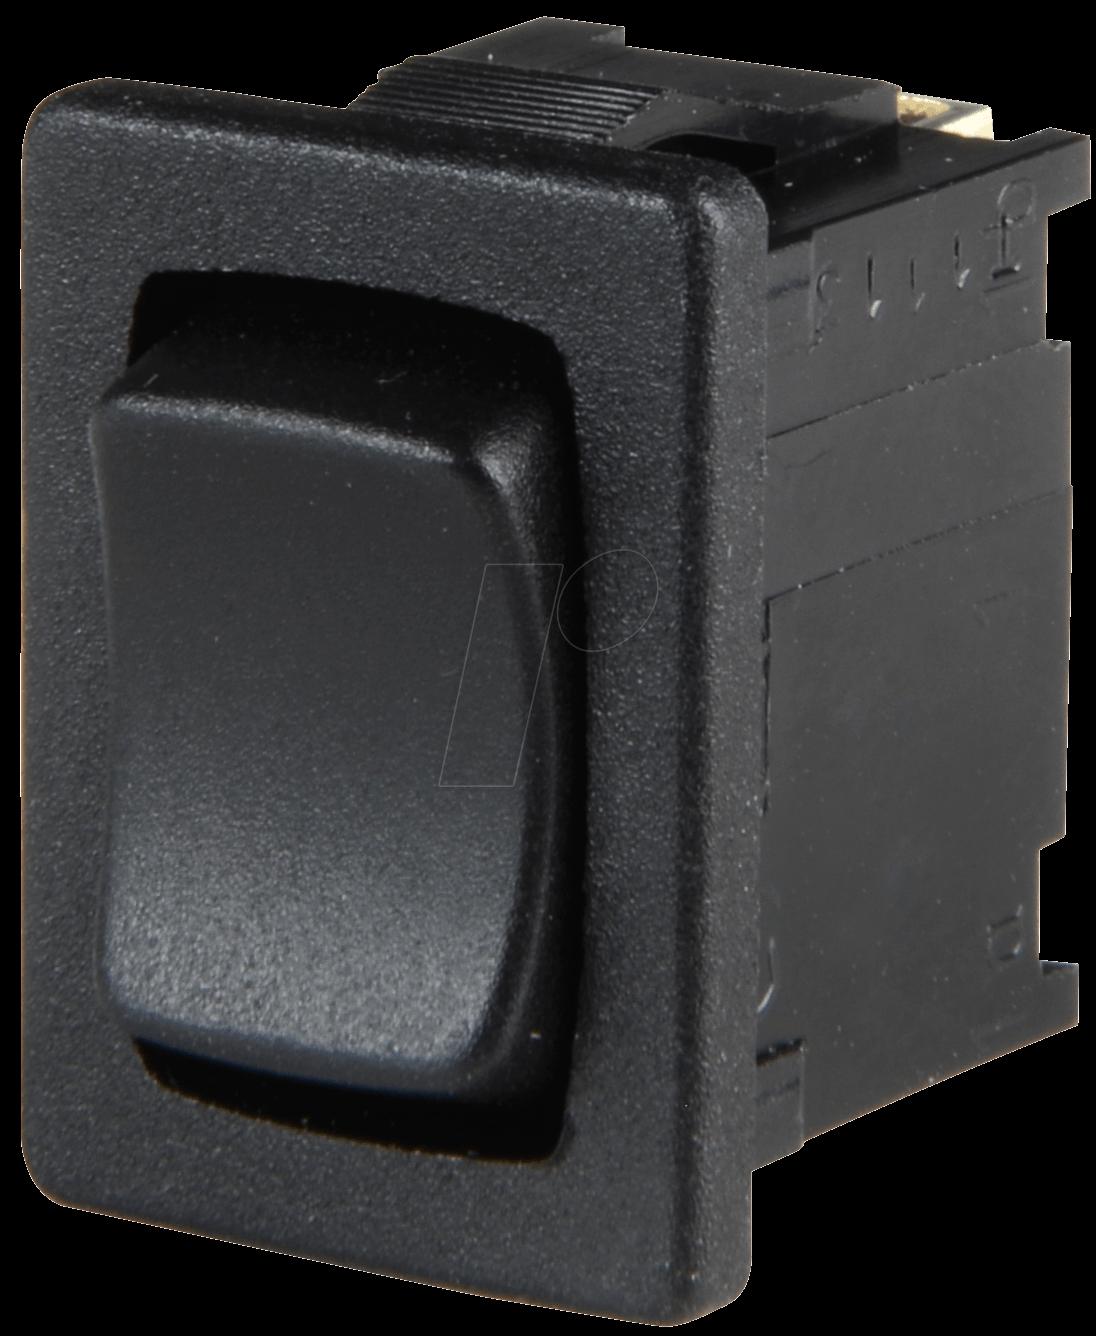 WIPPE 1808.6302: Wippschalter, 1x UM, schwarz bei reichelt elektronik